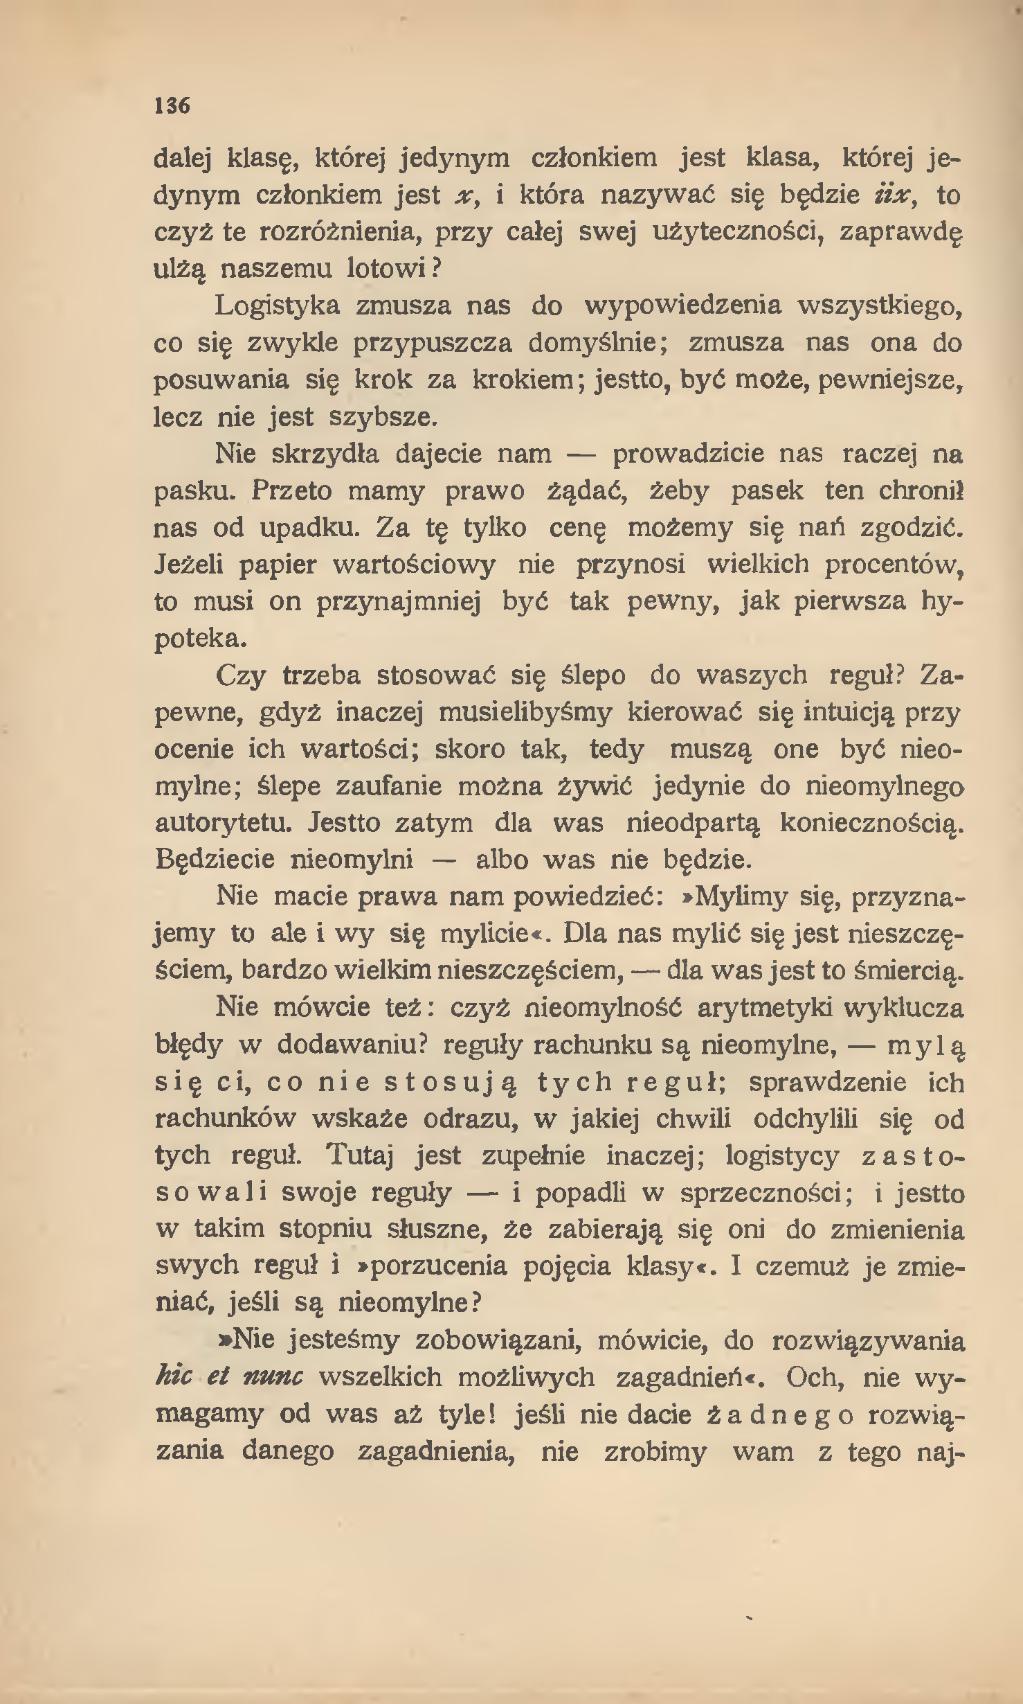 2a869321c8 Strona H. Poincaré-Nauka i Metoda.djvu 140 - Wikiźródła